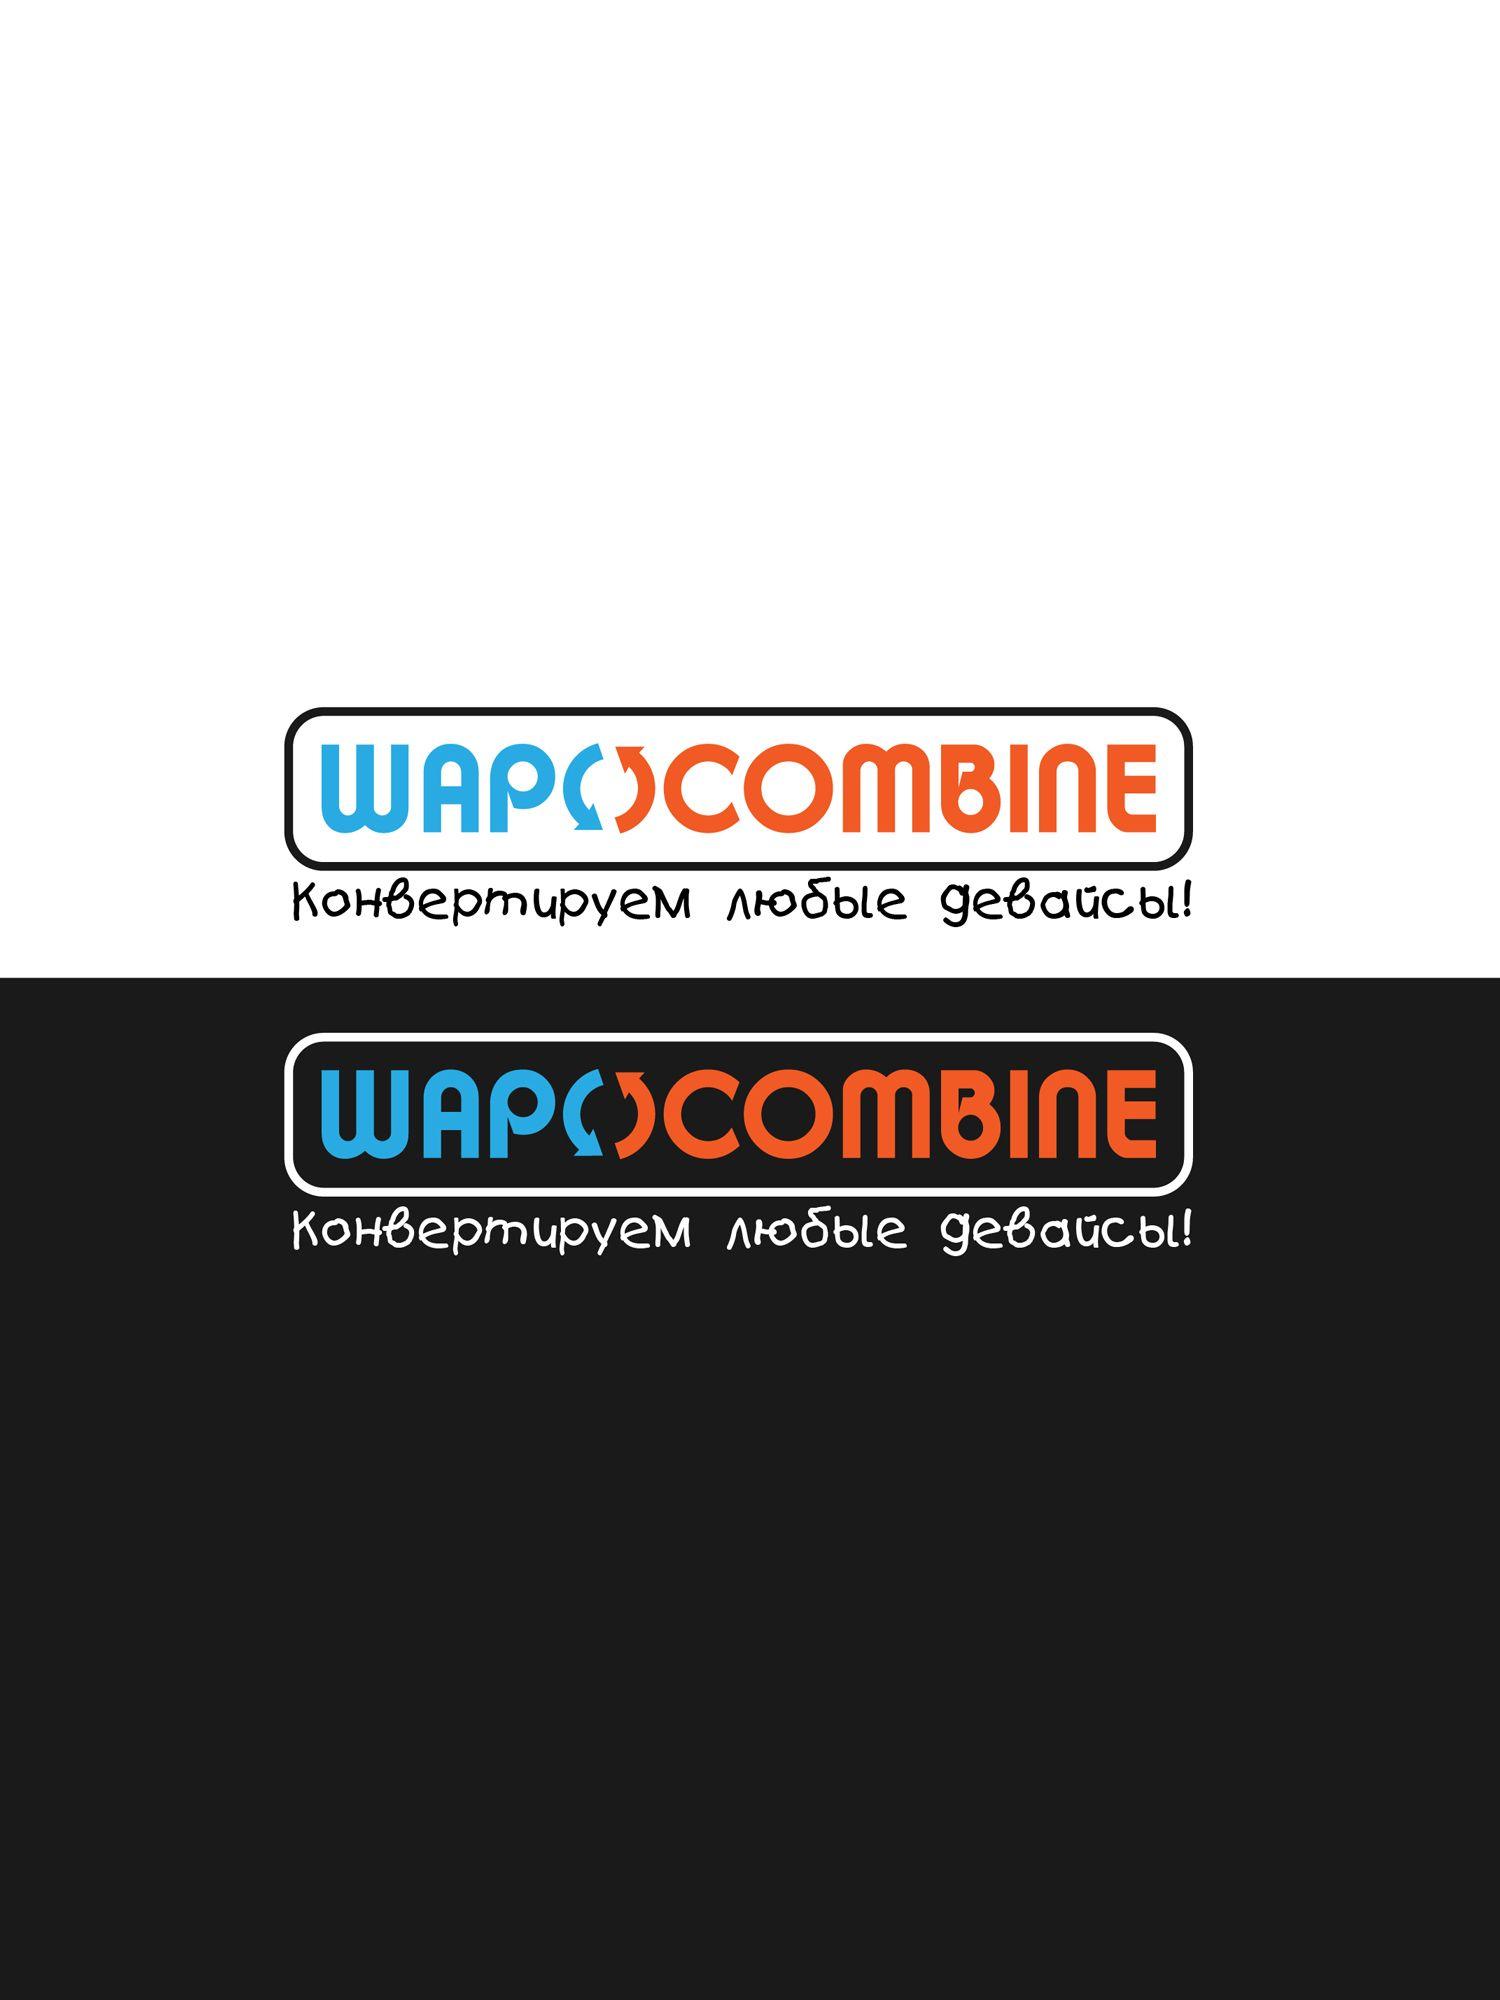 Логотип для мобильной партнерской программы - дизайнер Wou1ter